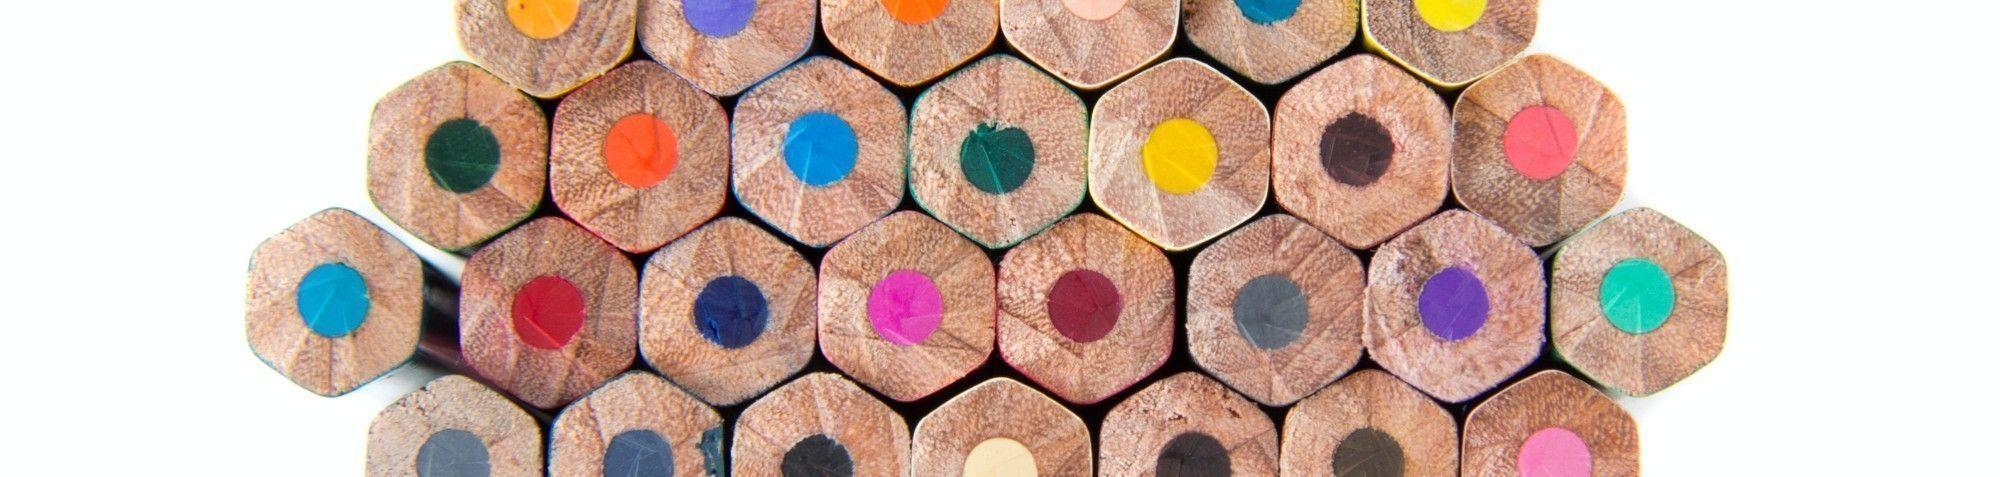 Seturi cu creioane colorate